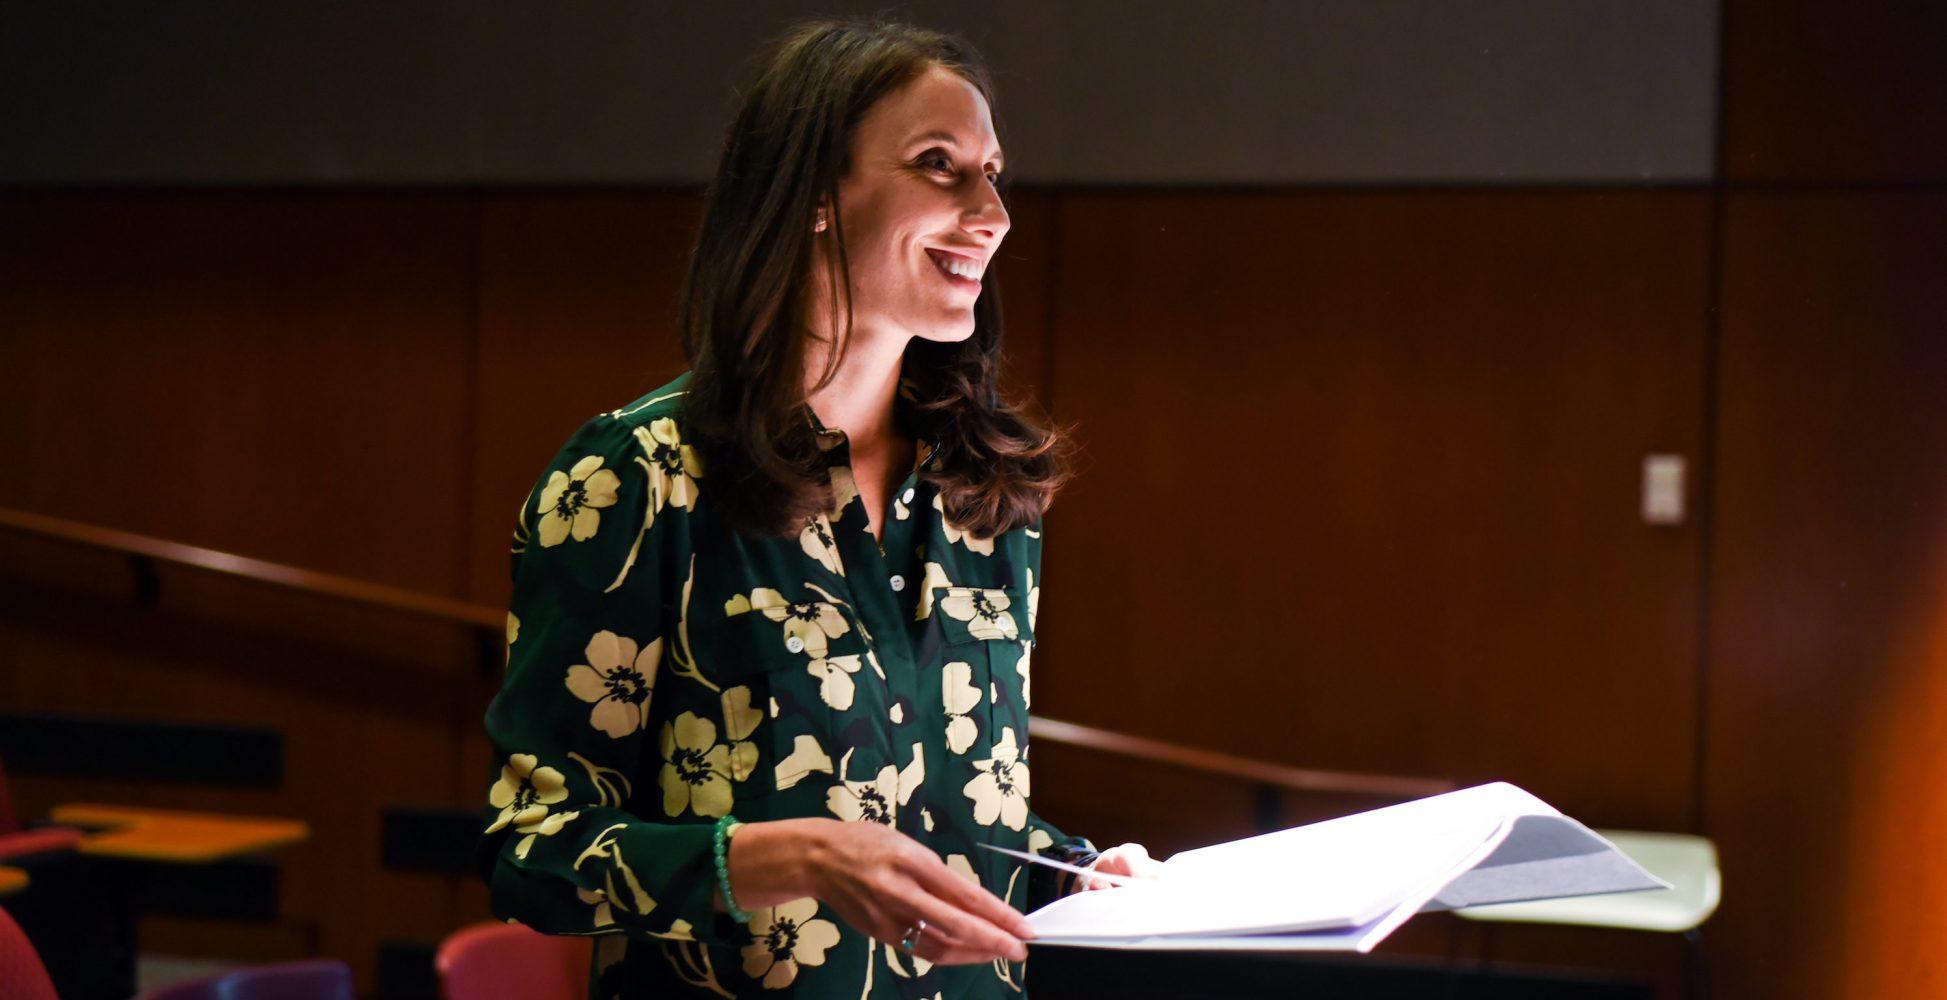 Jocelyn Greene smiles with script